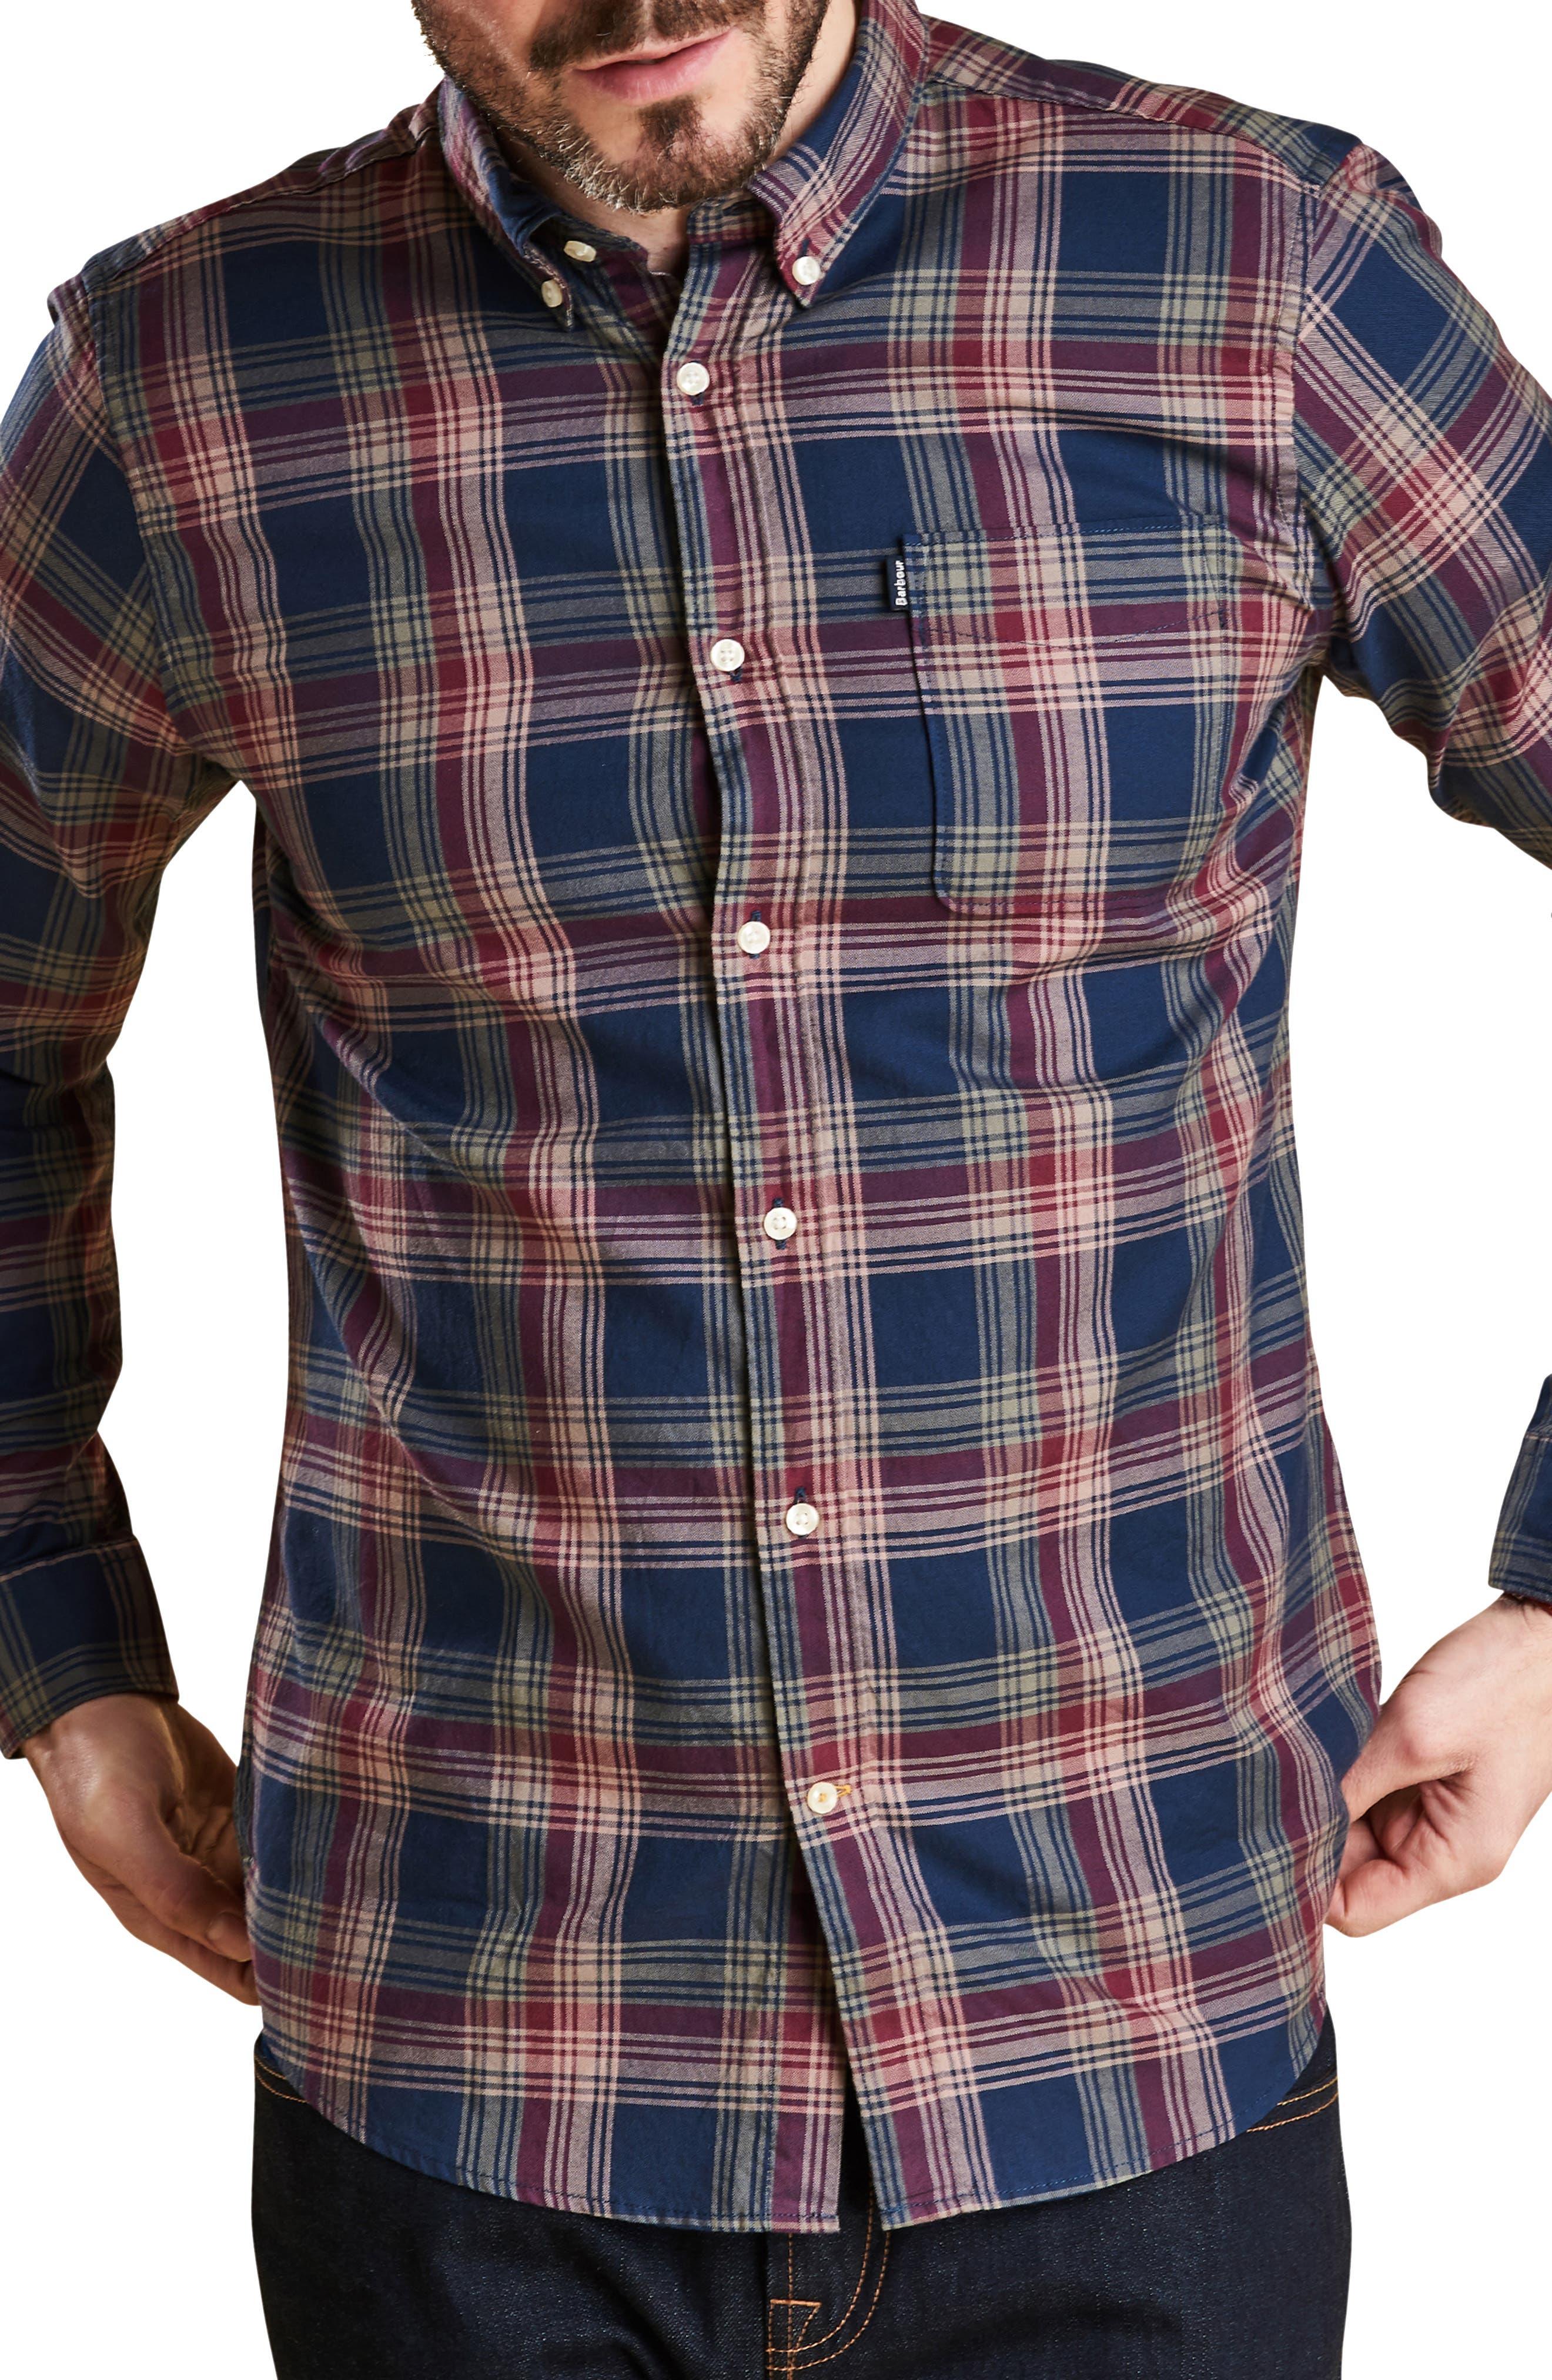 Endsleigh Highland Check Woven Shirt,                         Main,                         color, NAVY